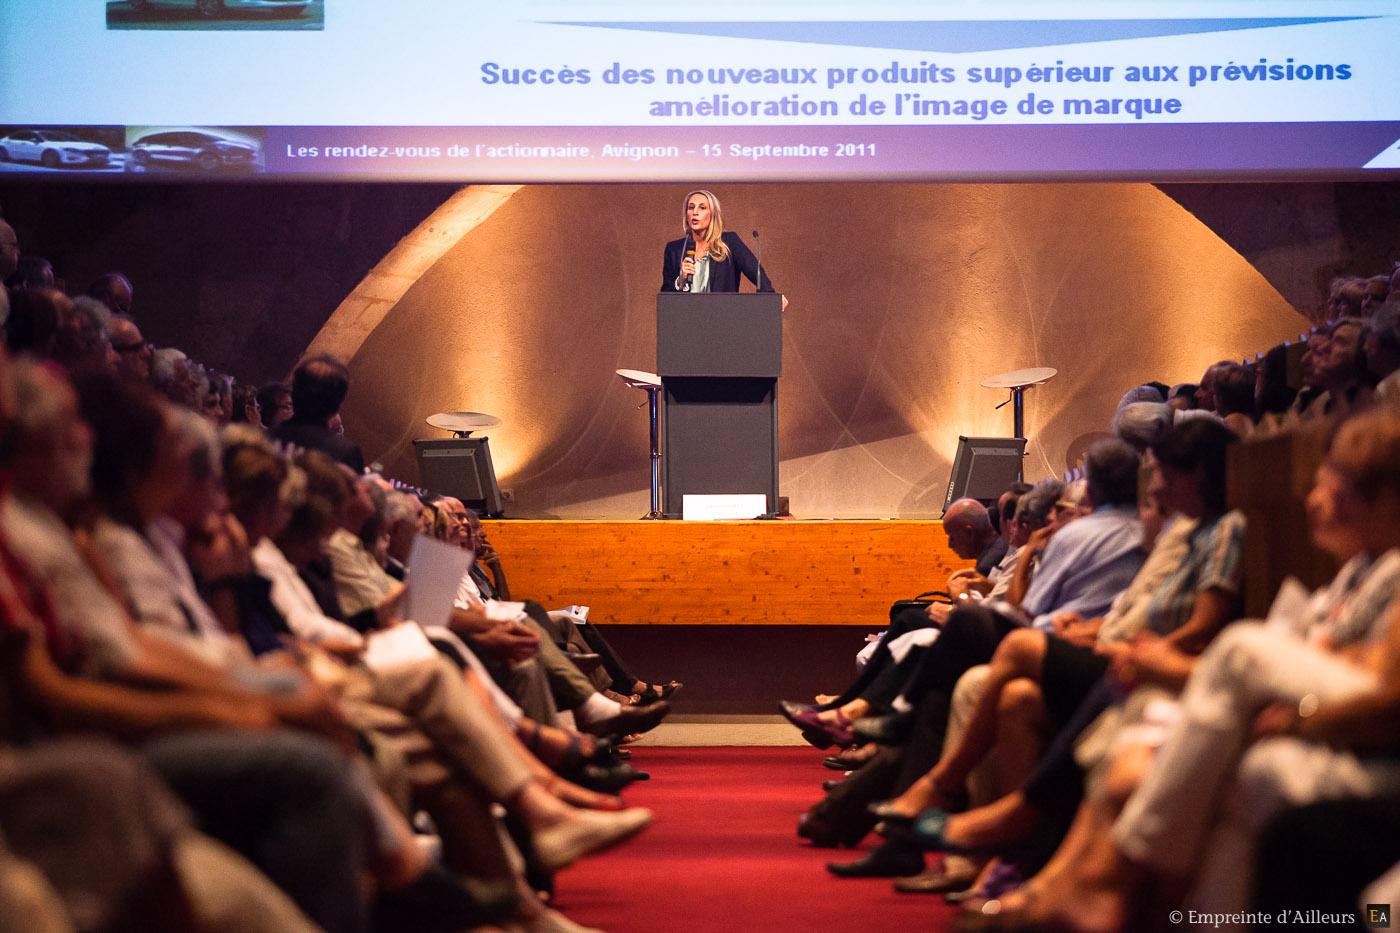 Congrès des actionnaires Peugeot Citroën